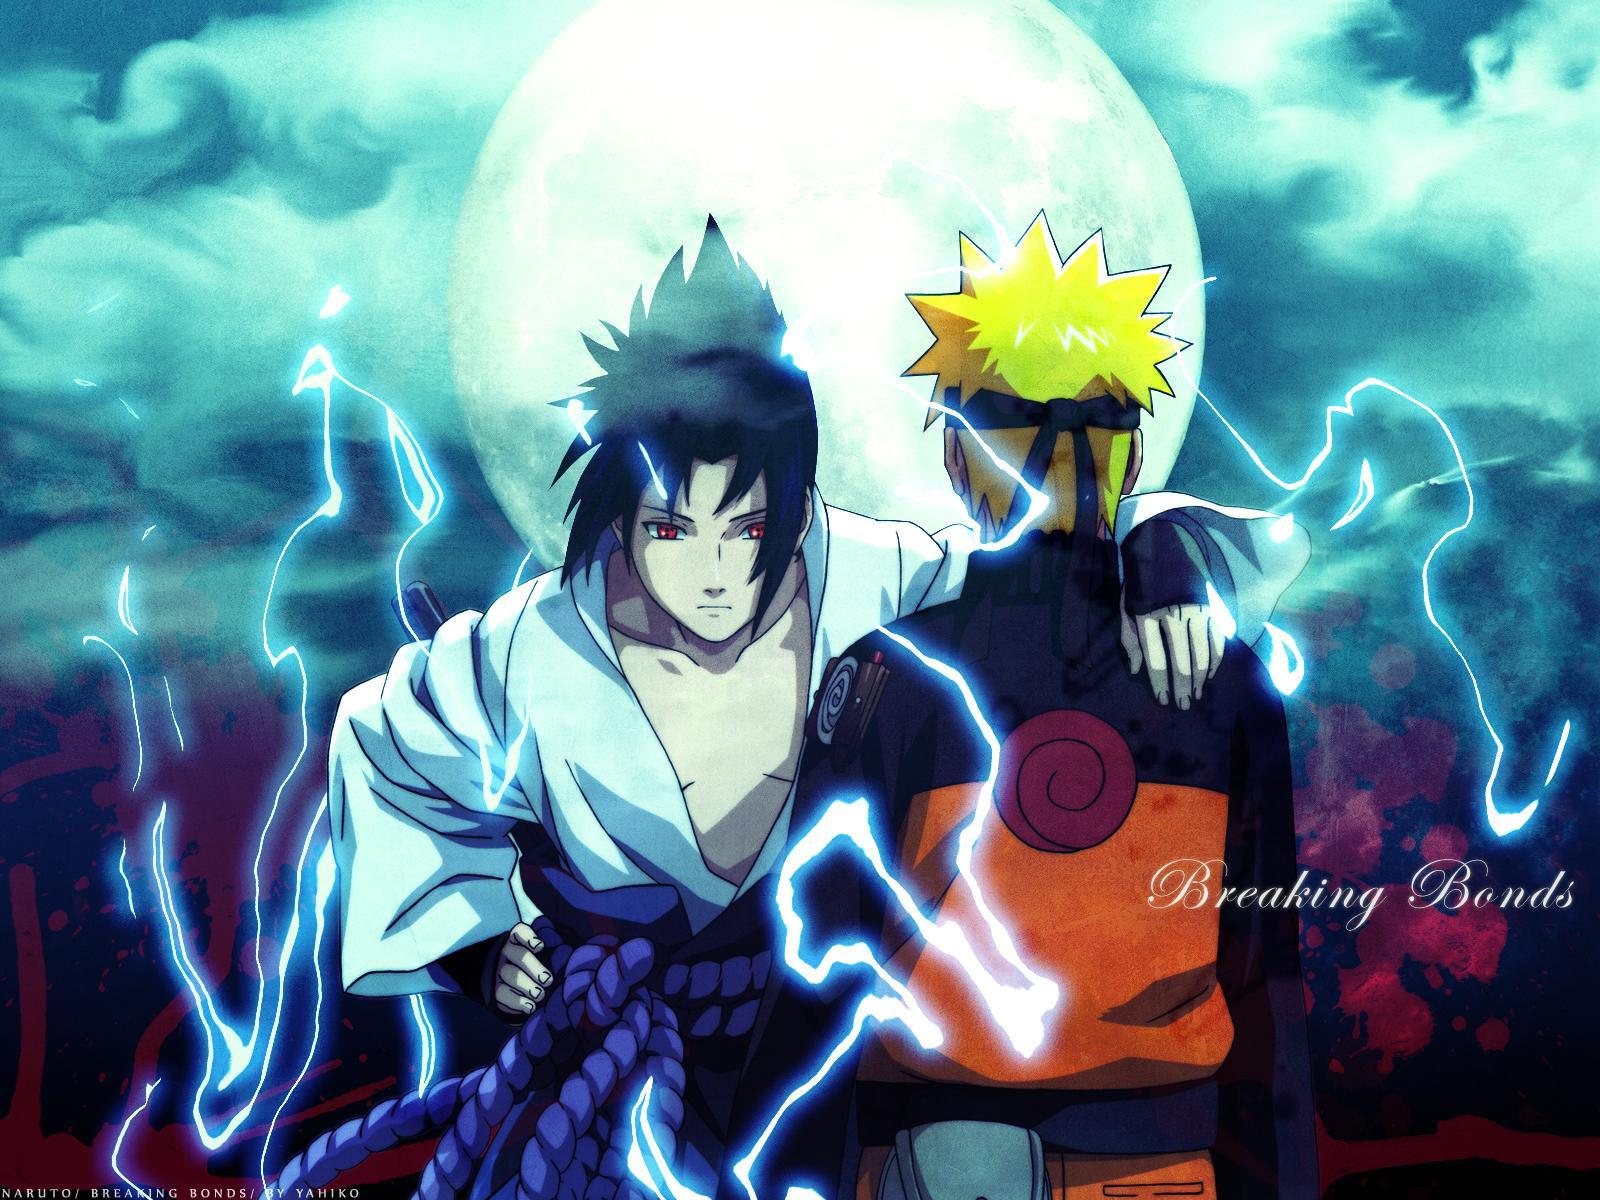 Sasuke Naruto Naruto ナルト ナルト 疾風伝 壁紙 29694838